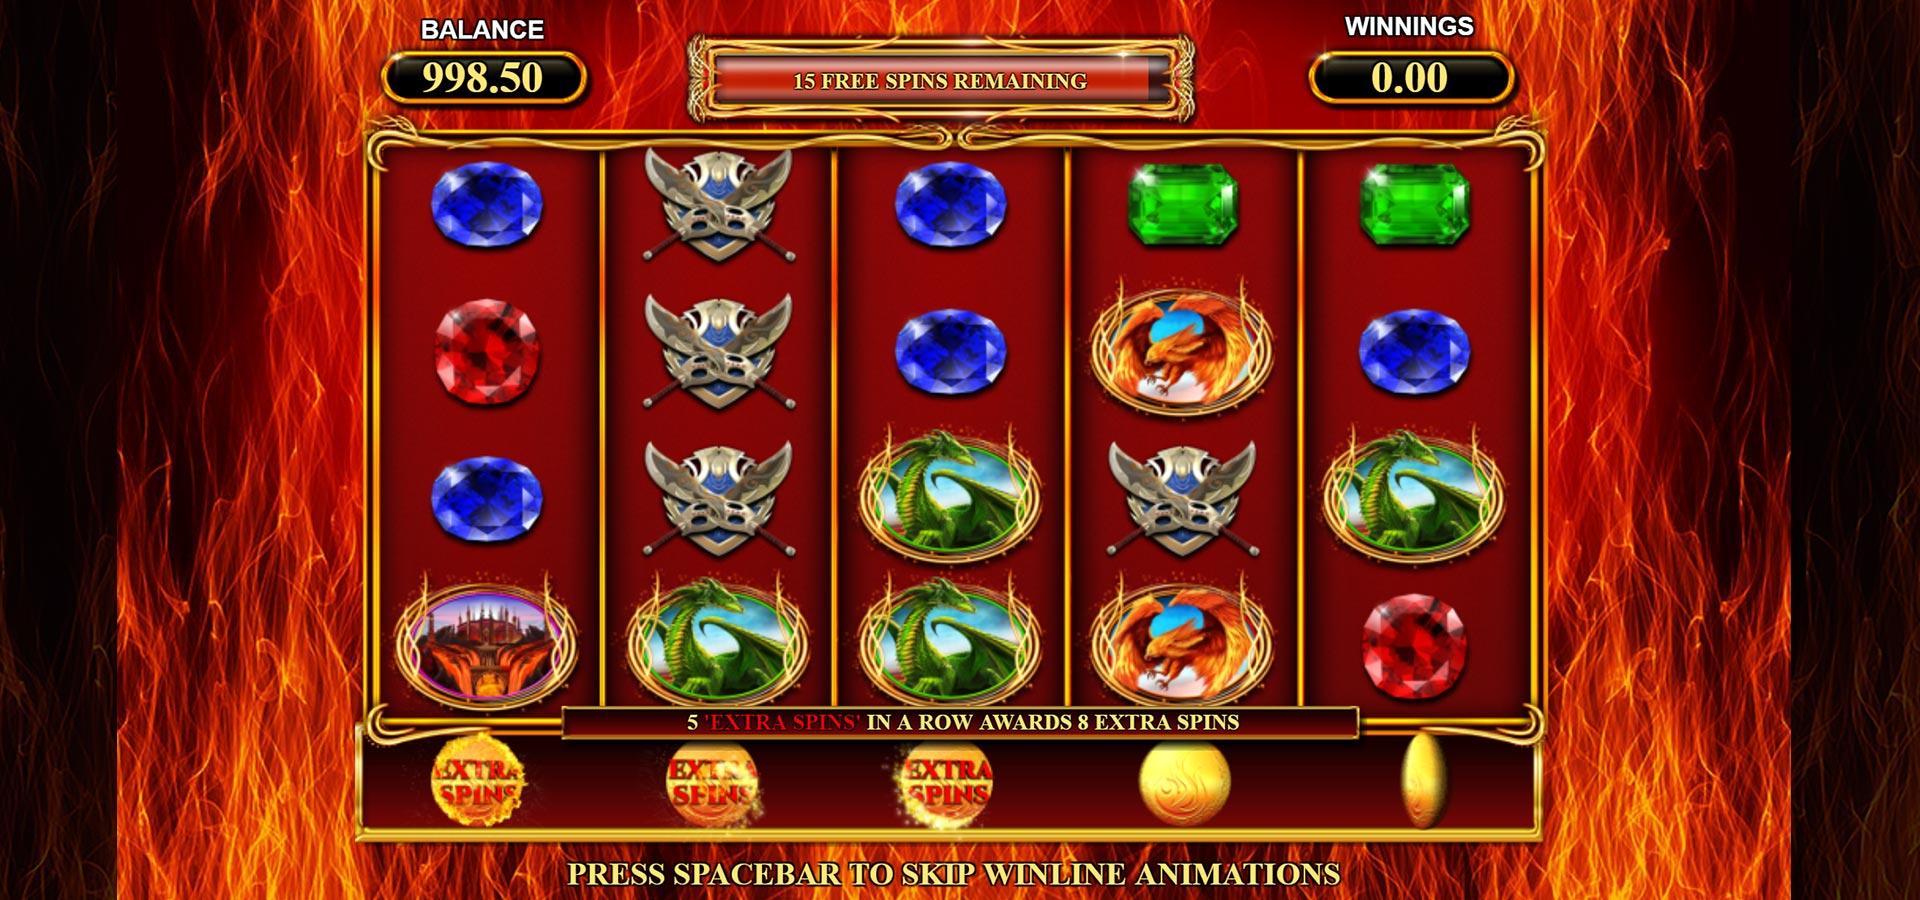 Gta online 2 slots